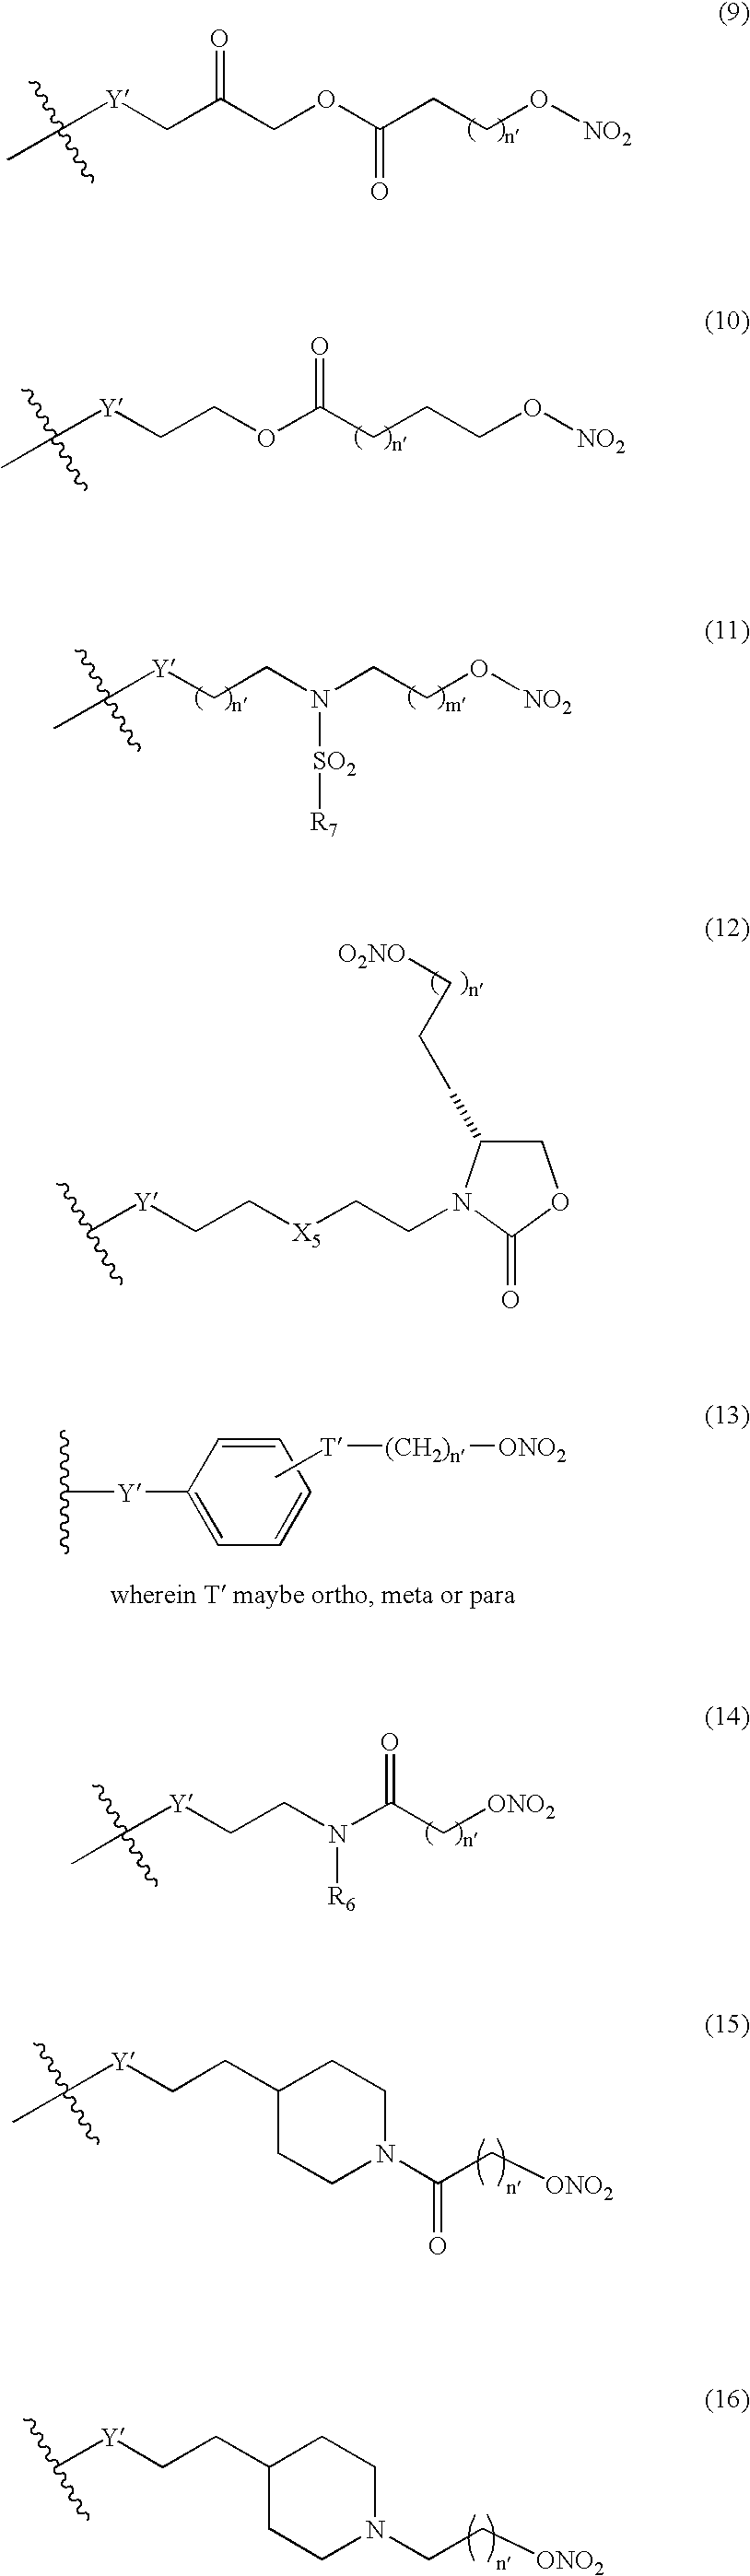 Figure US20070238740A1-20071011-C00021